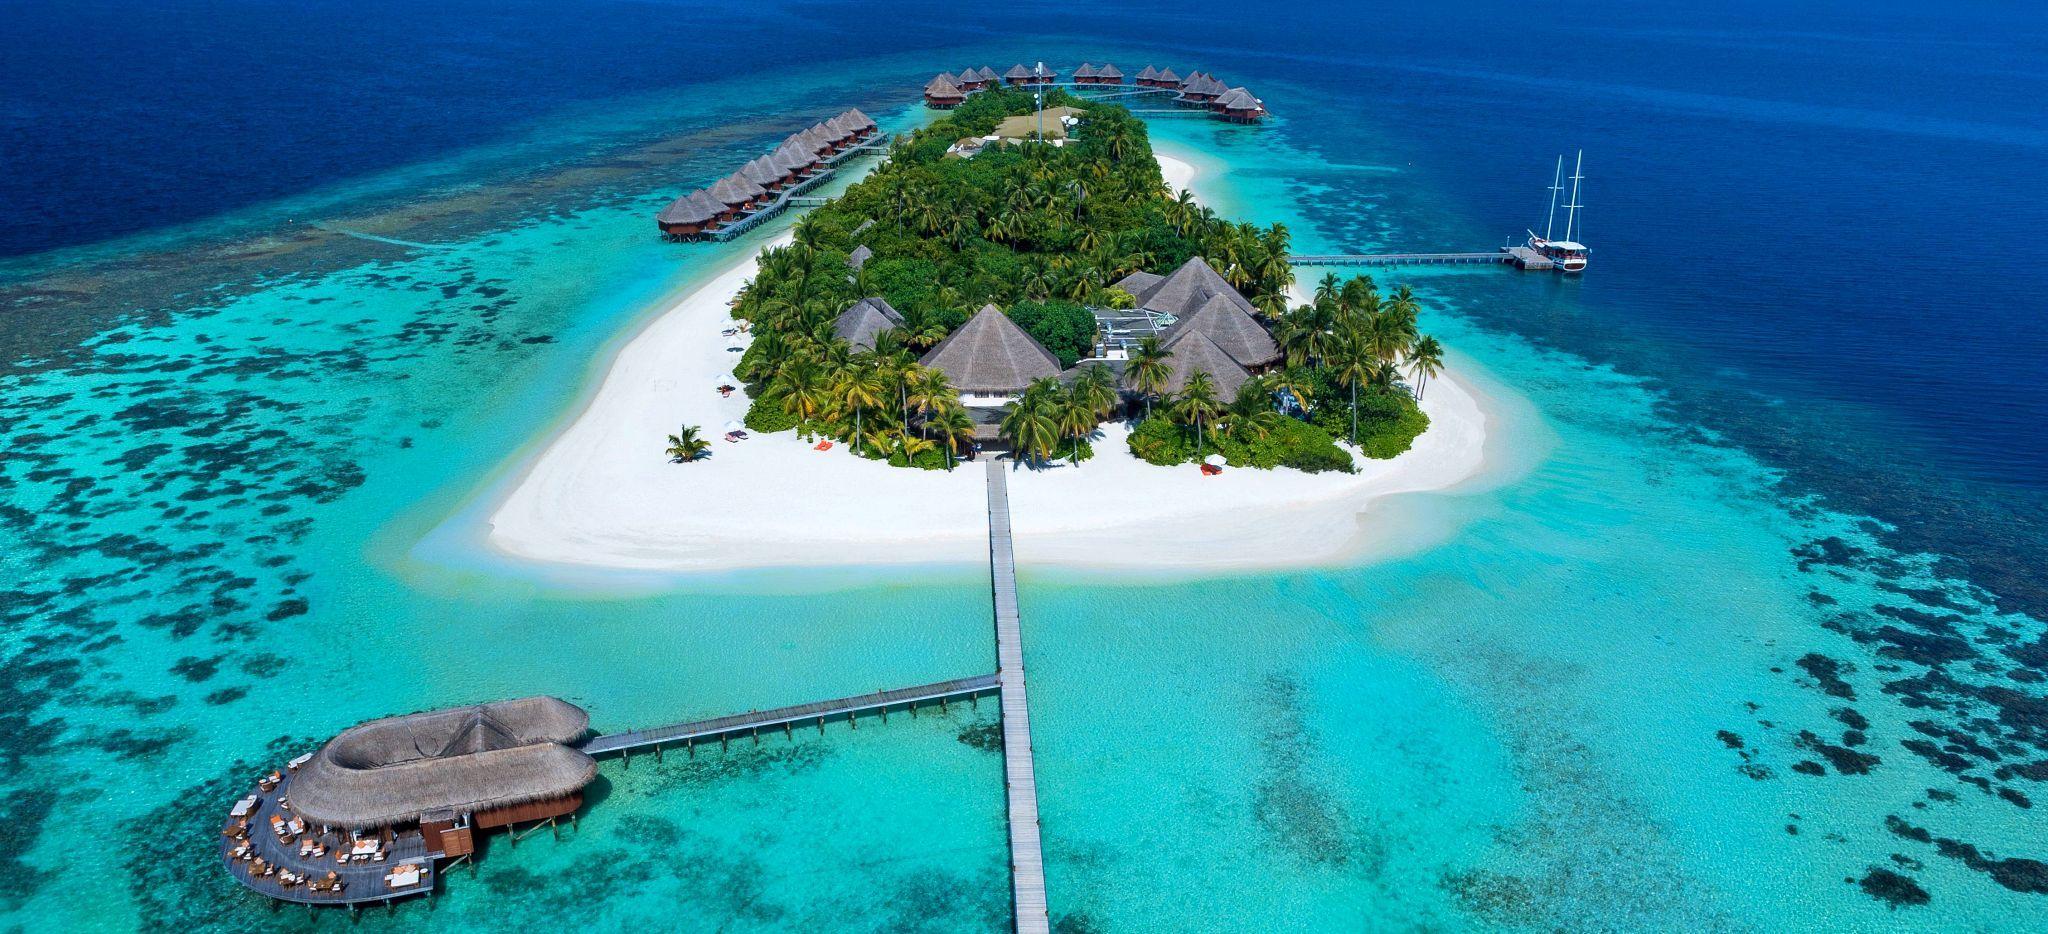 """Die Insel des Hotels """"Mirihi Island"""" aus der Vogelperspektive"""